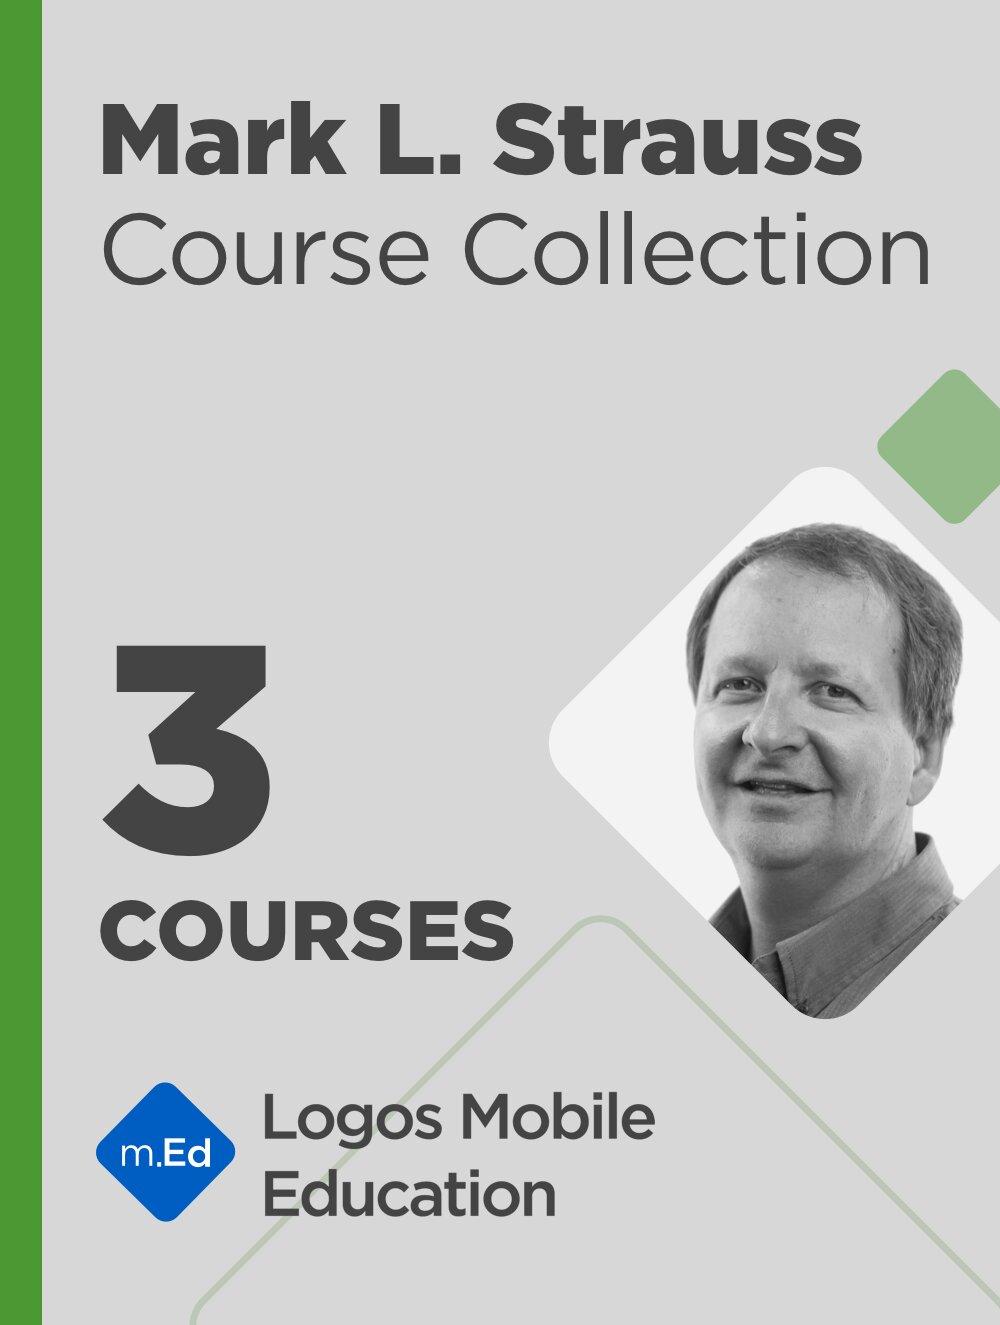 Mark L. Strauss Course Bundle (3 courses)